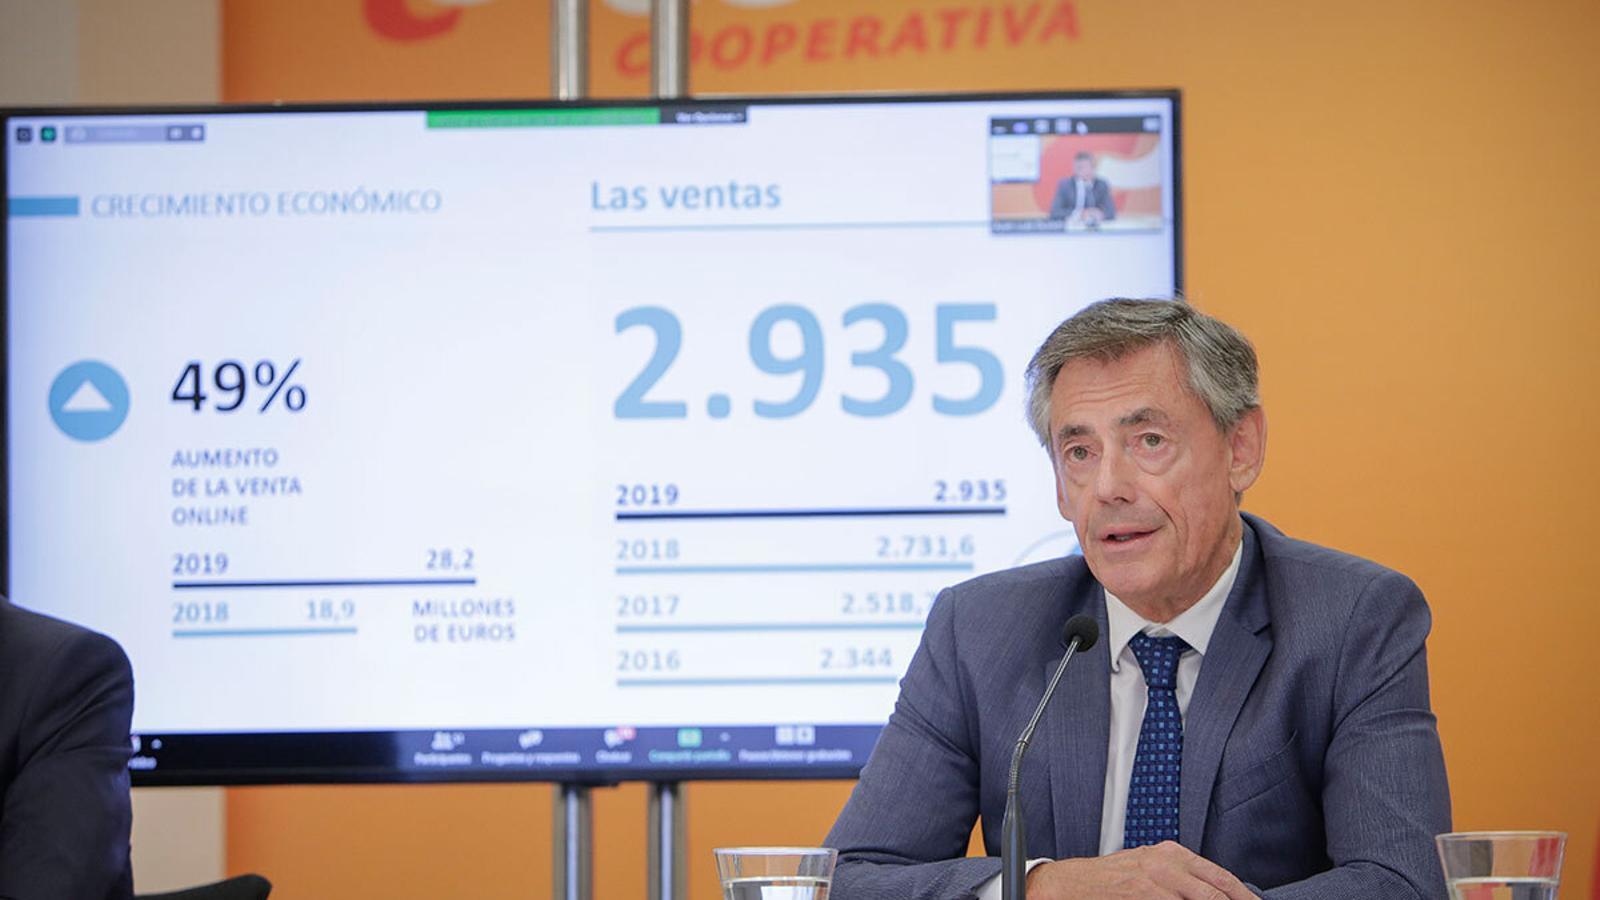 El director general de Consum, Juan Luis Durich, durant la conferència de premsa duta a terme per explicar els resultats de la cooperativa el 2019